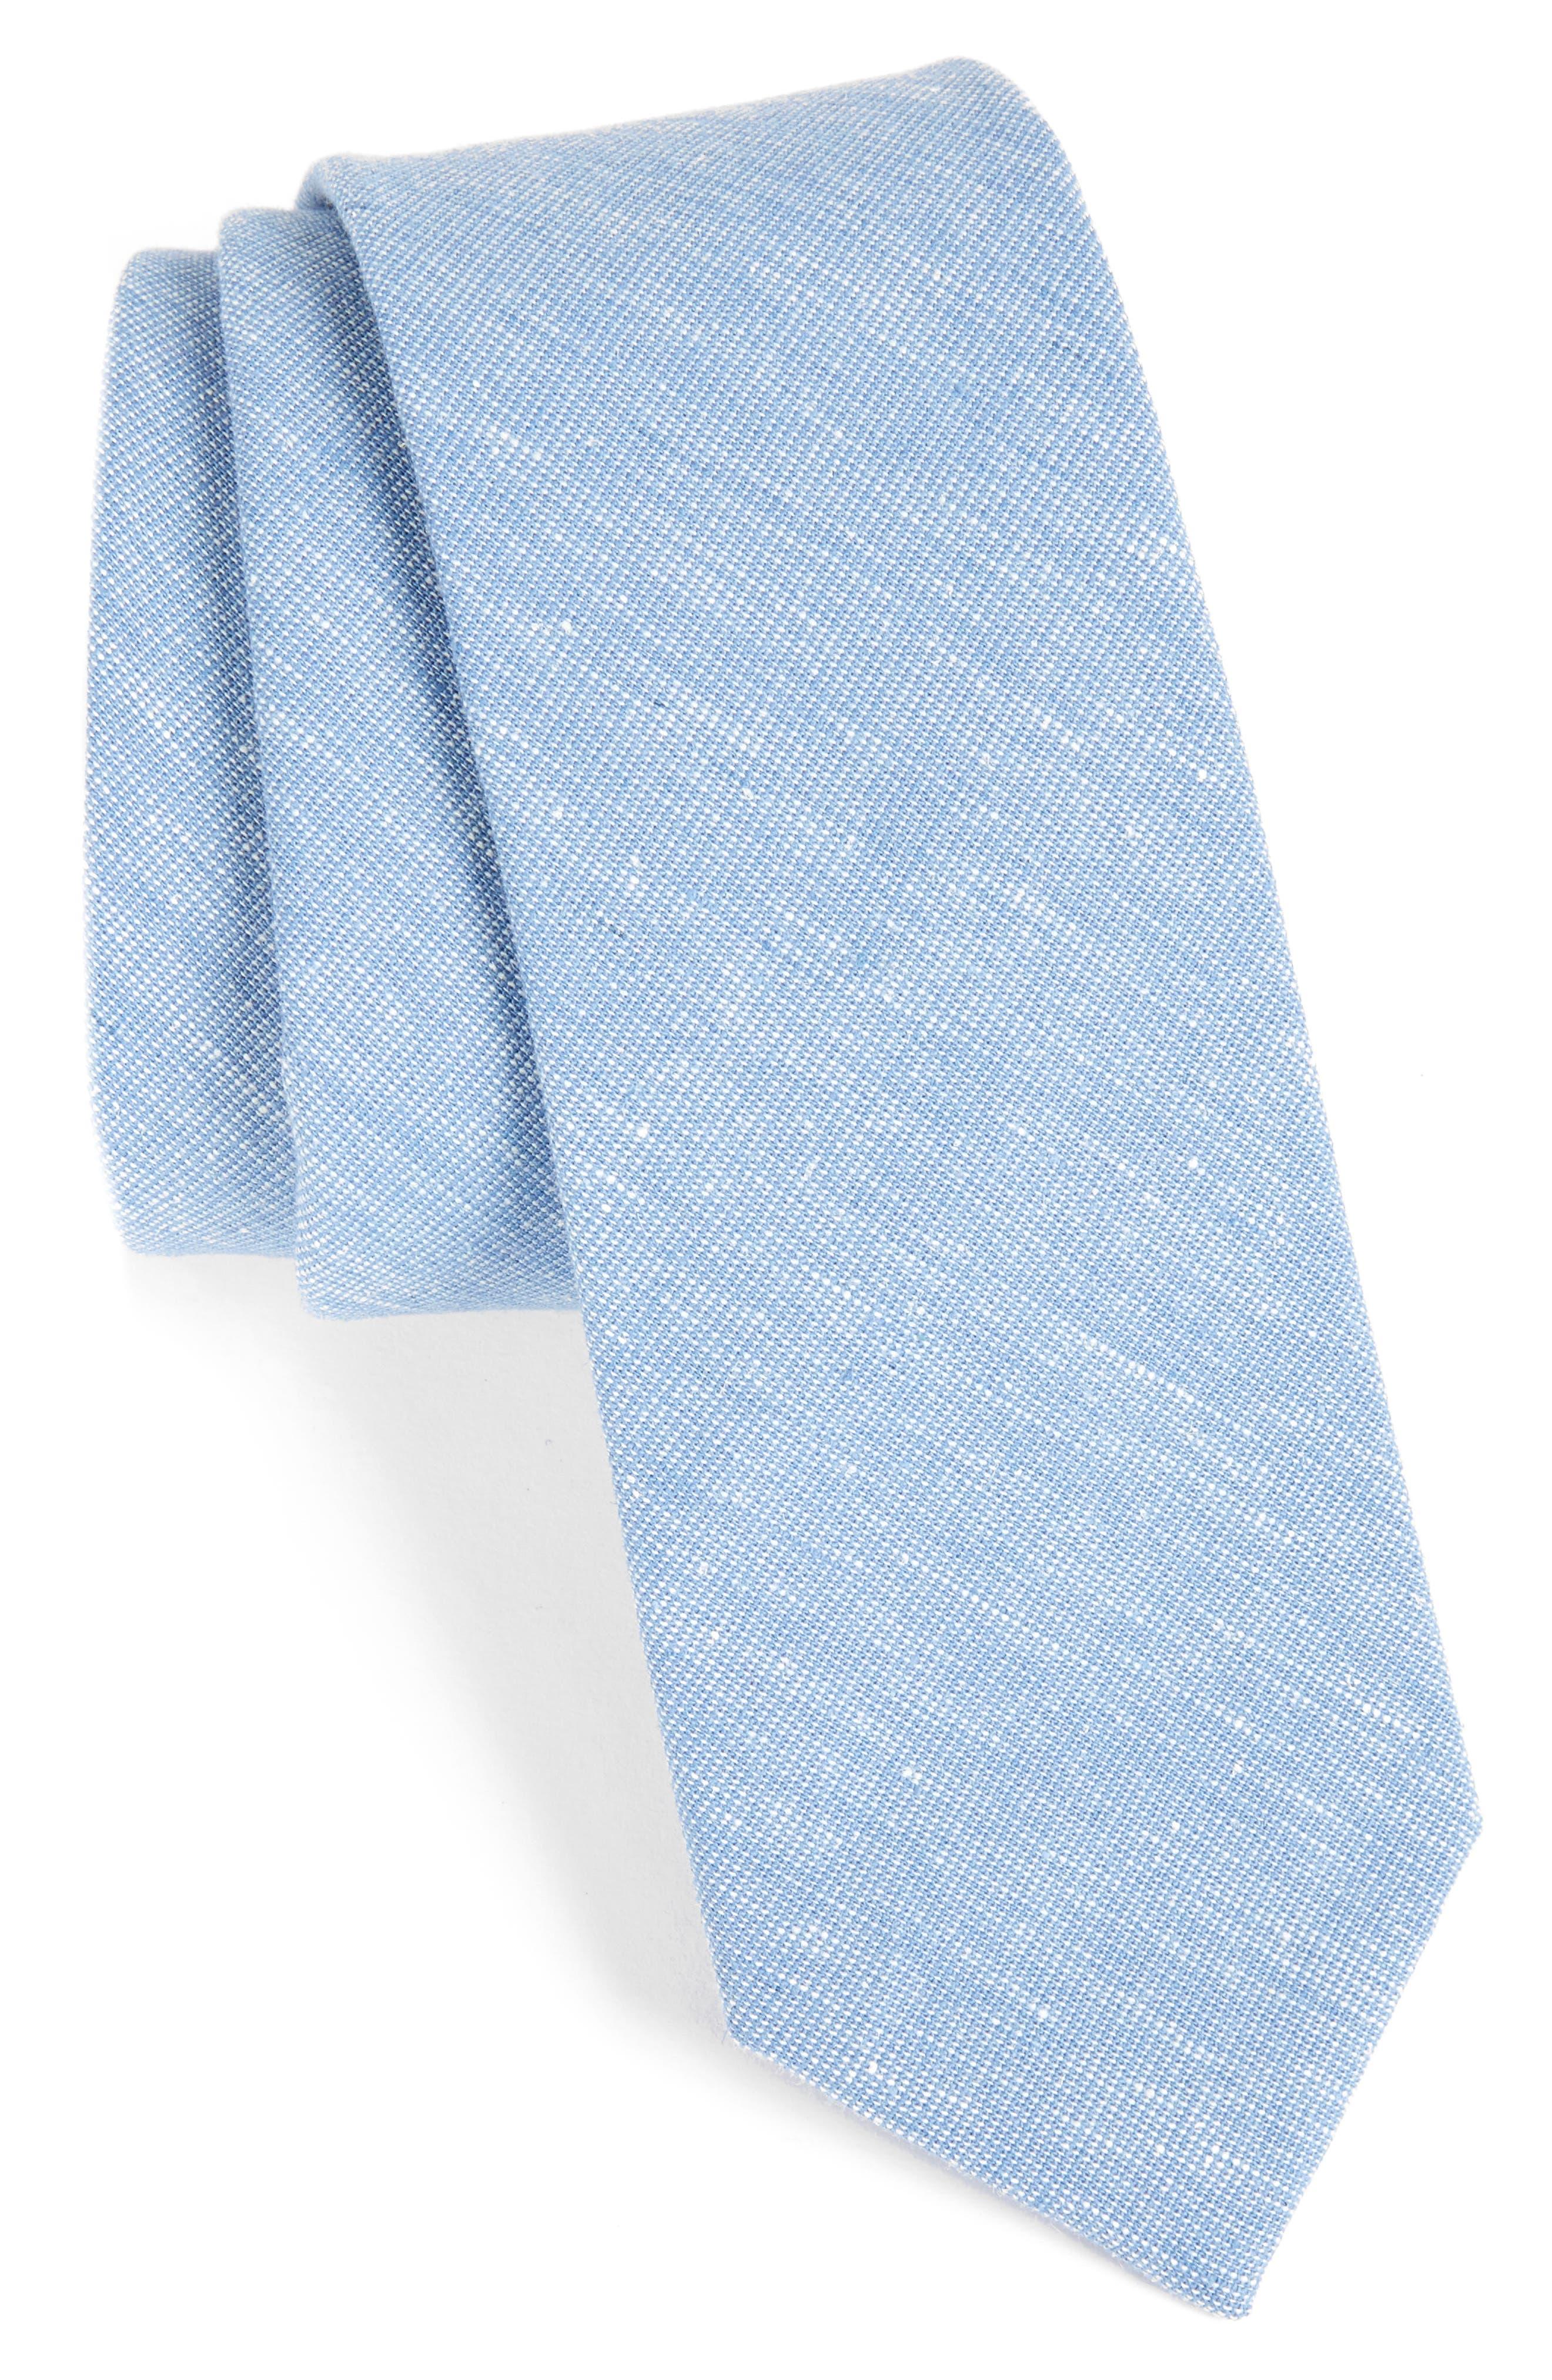 Solid Cotton Blend Tie,                             Main thumbnail 1, color,                             Blue